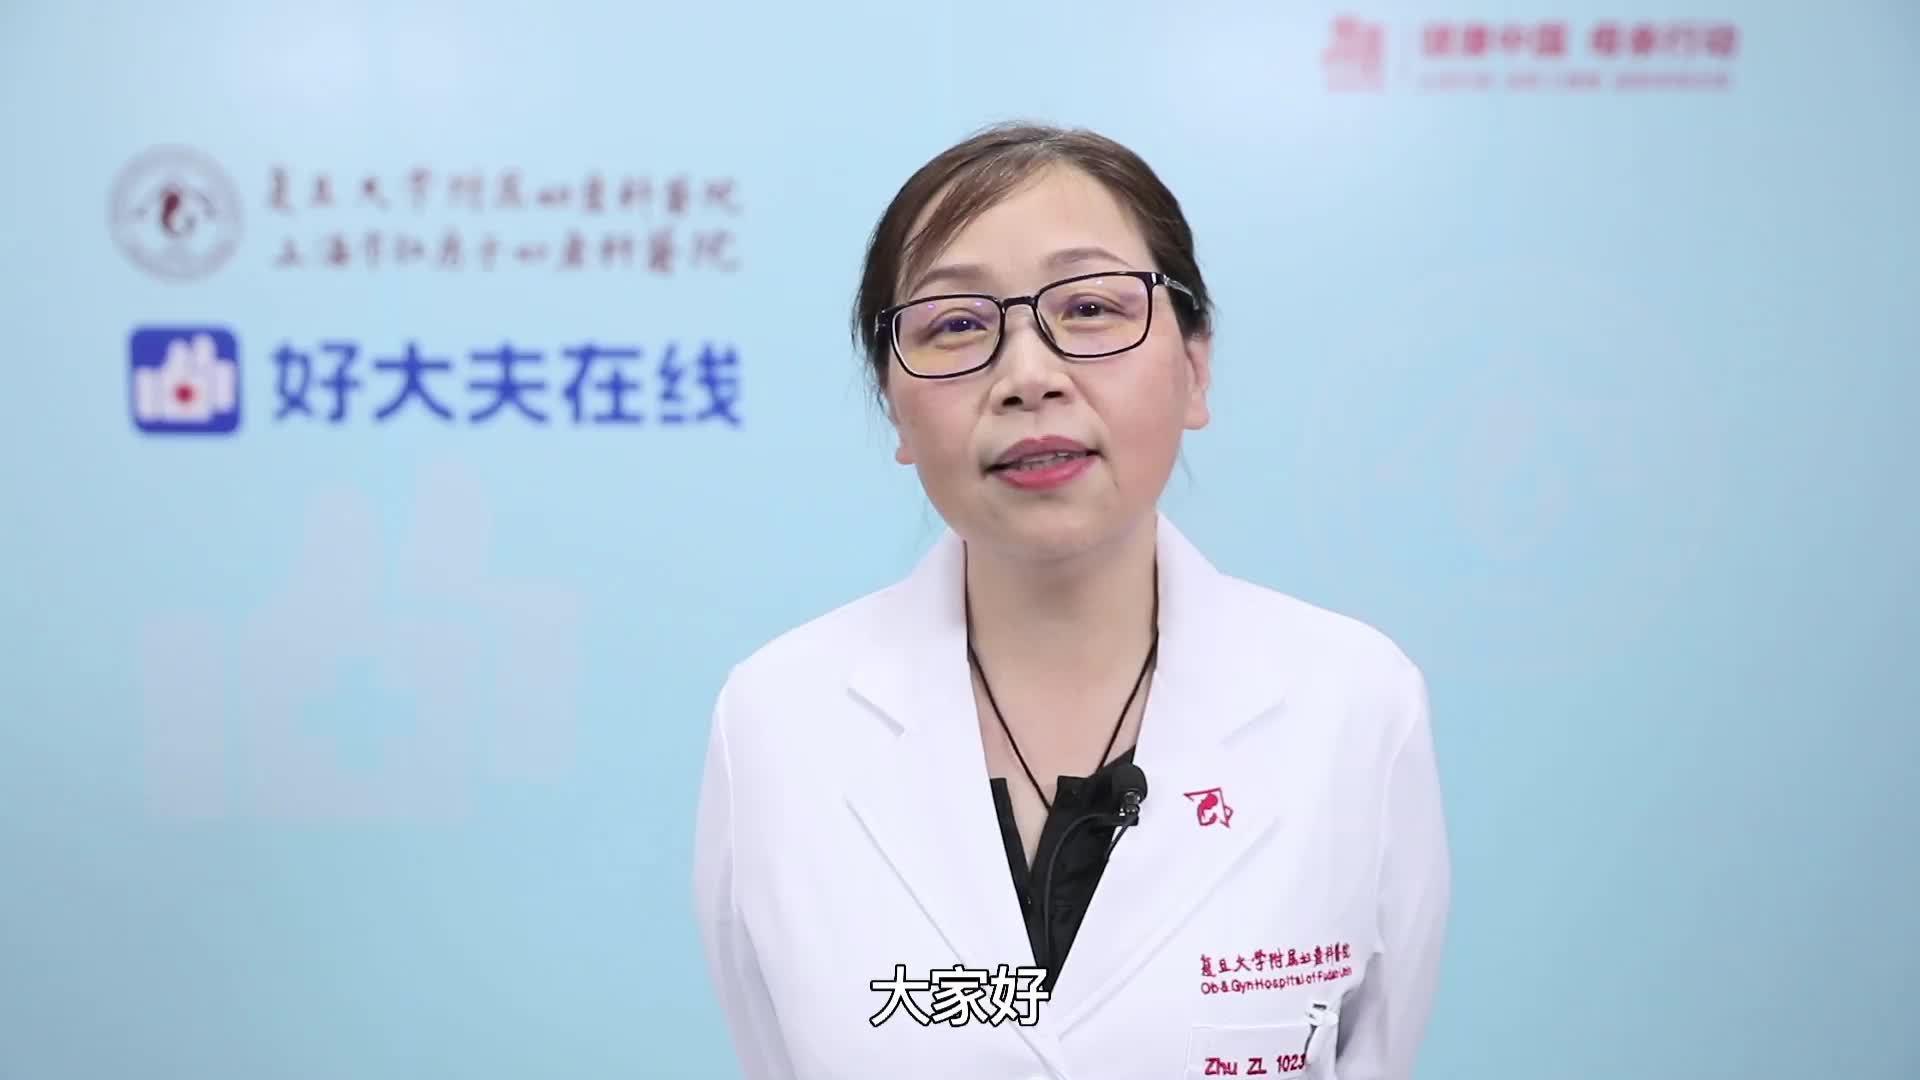 复旦大学附属妇产科医院中西医结合科朱芝玲主任……